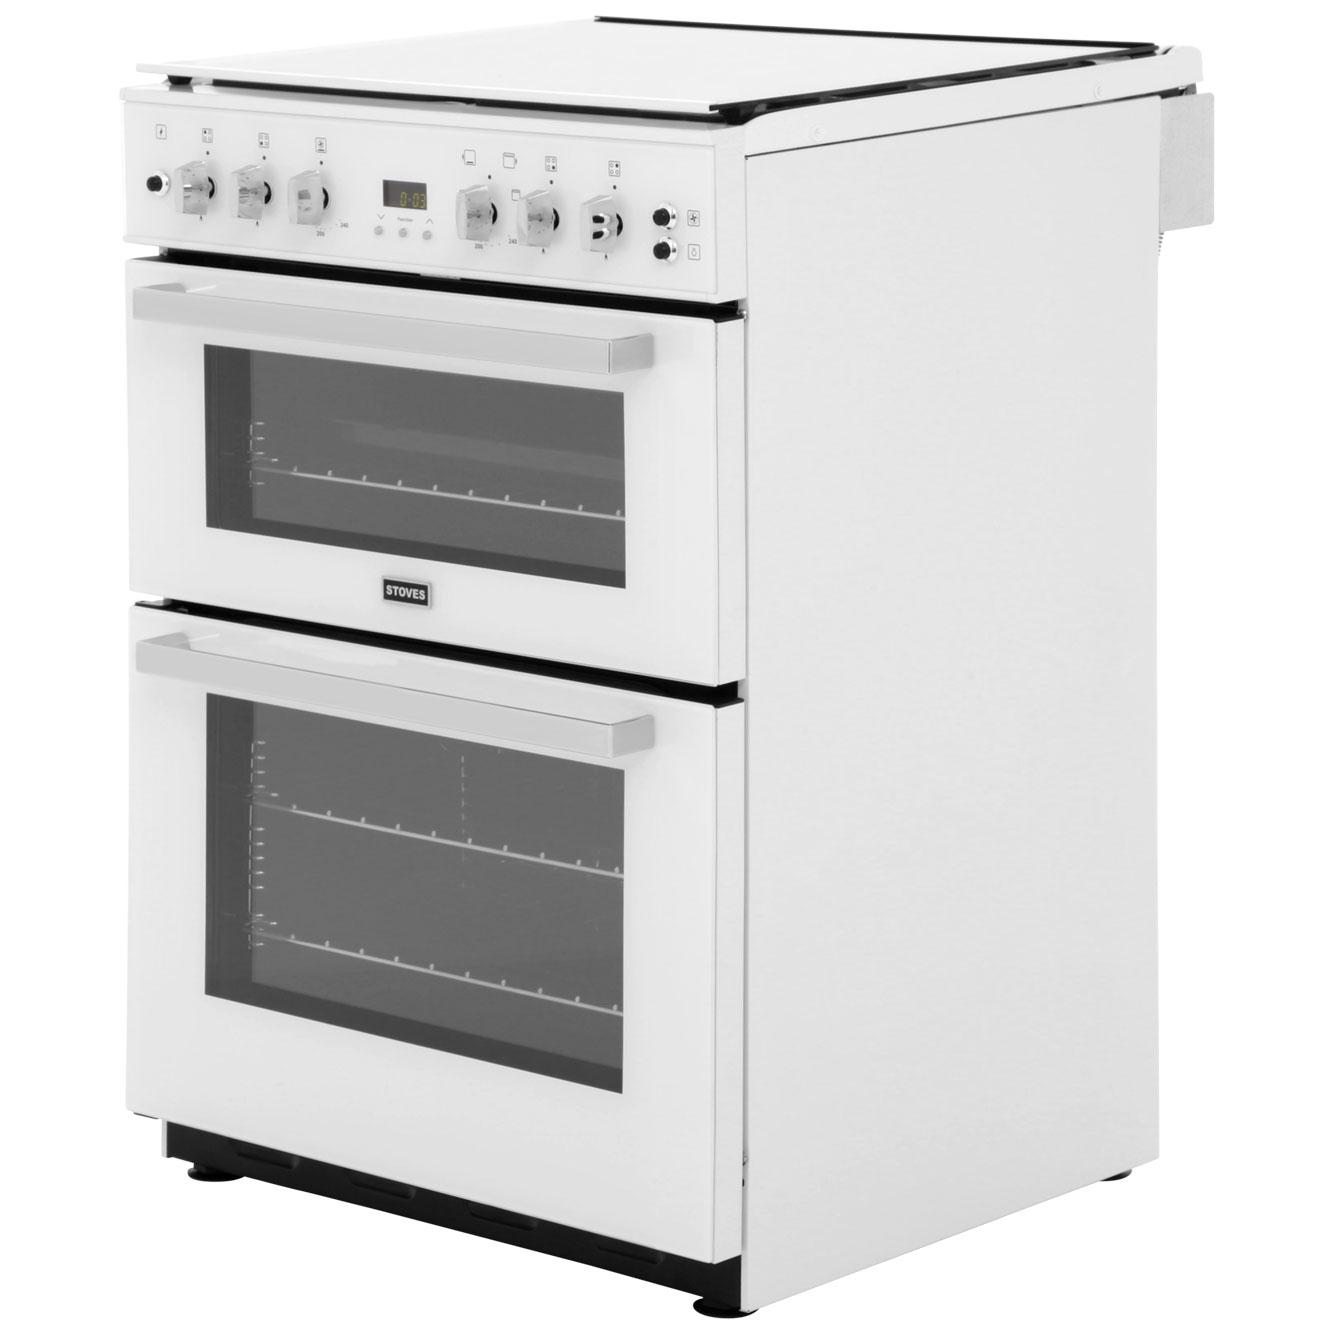 Stoves Gas Cooker   SFG60DOP   LED Display   ao.com